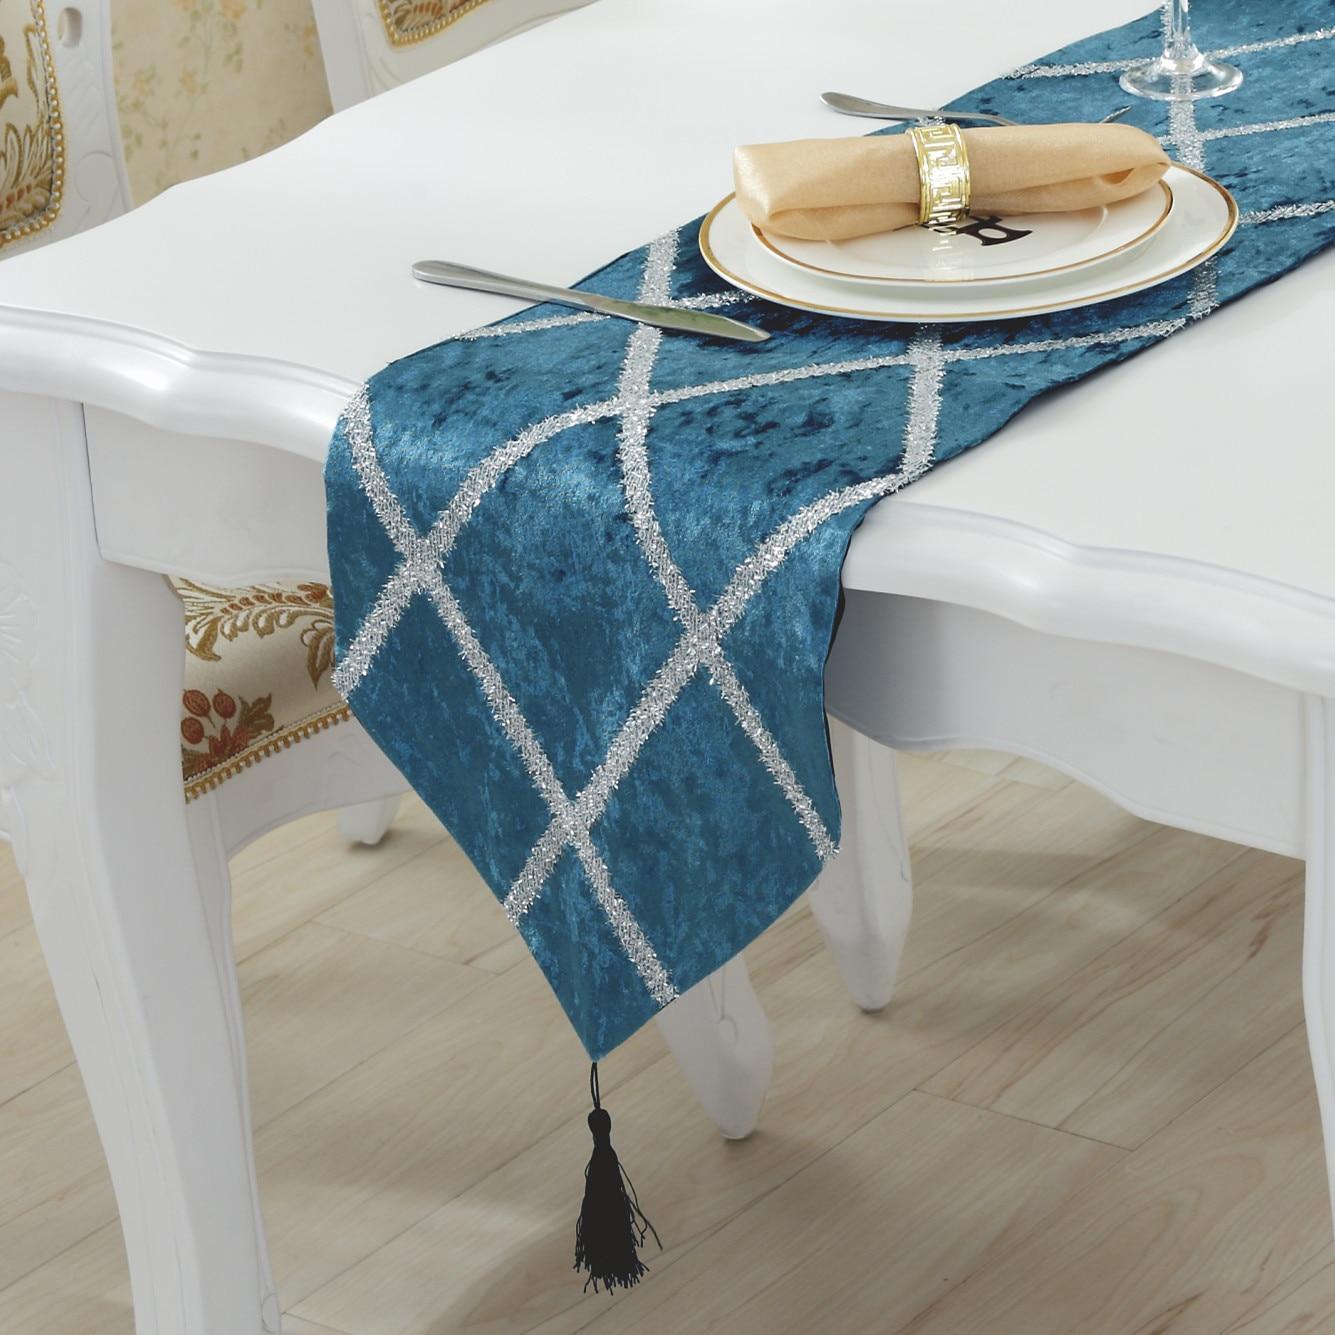 عداء طاولة هندسي فاخر ، غطاء خزانة أحذية للبيانو ، مفرش سرير متطور